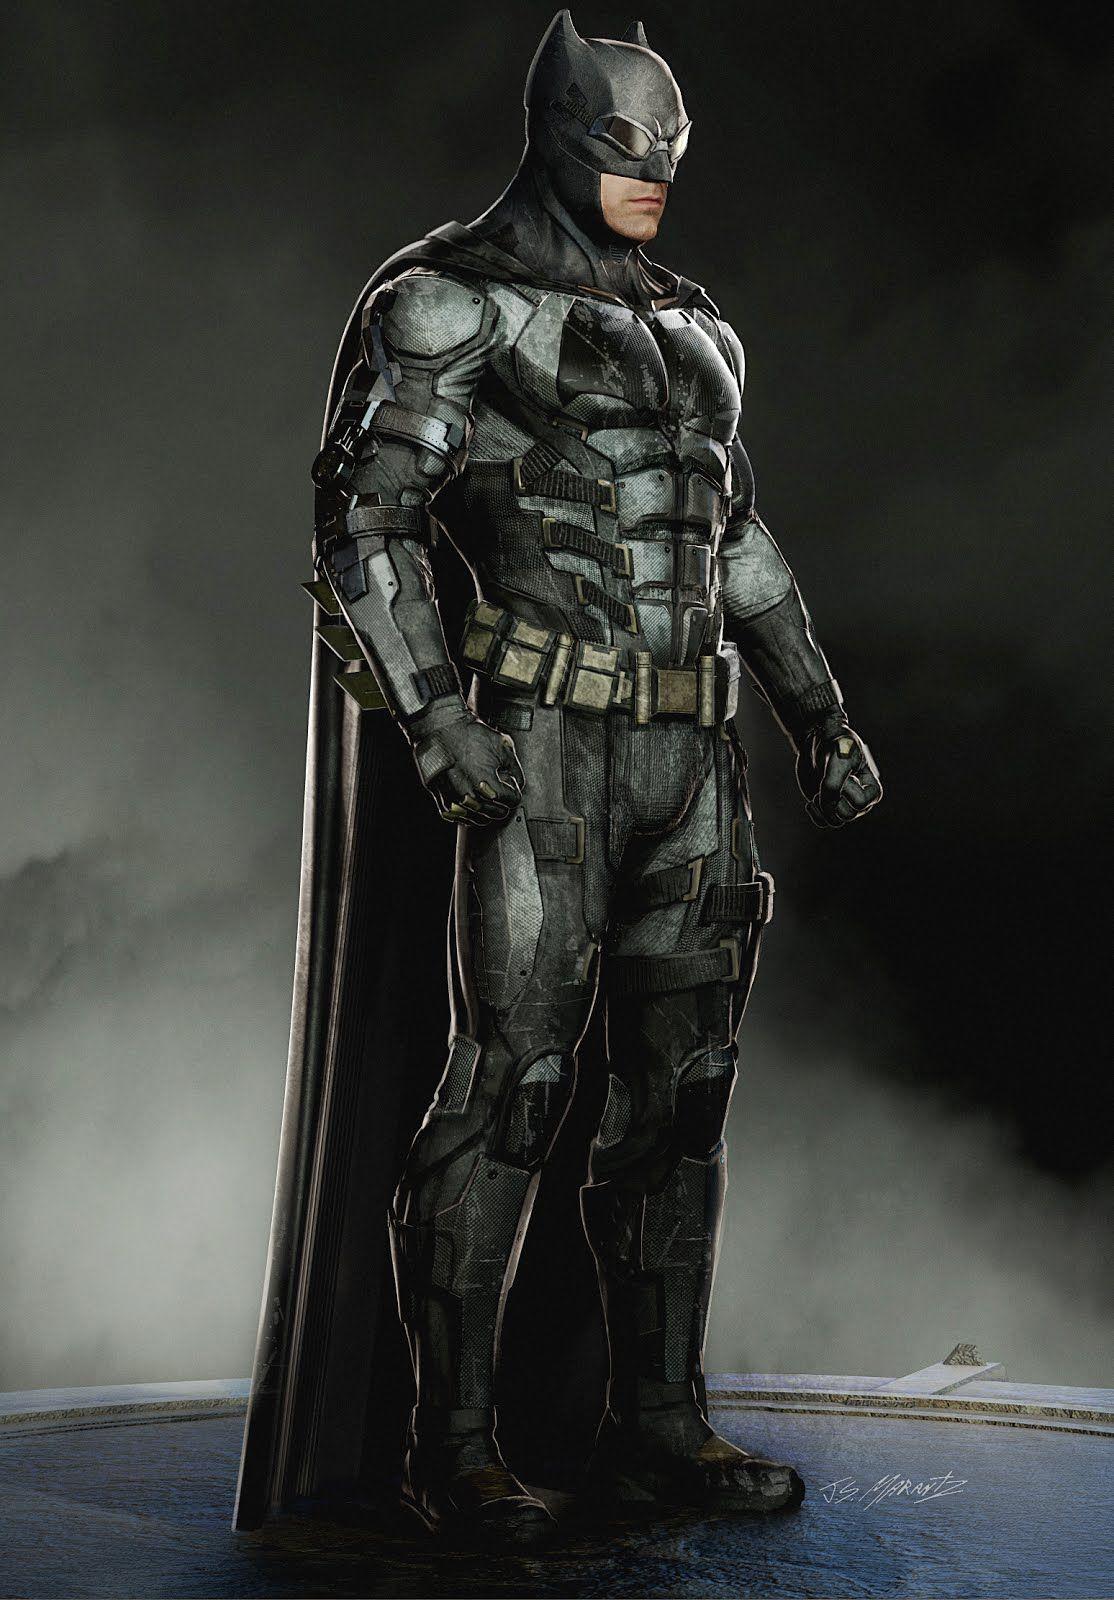 Justice League Concept Art By Jerad Marantz Batman Concept